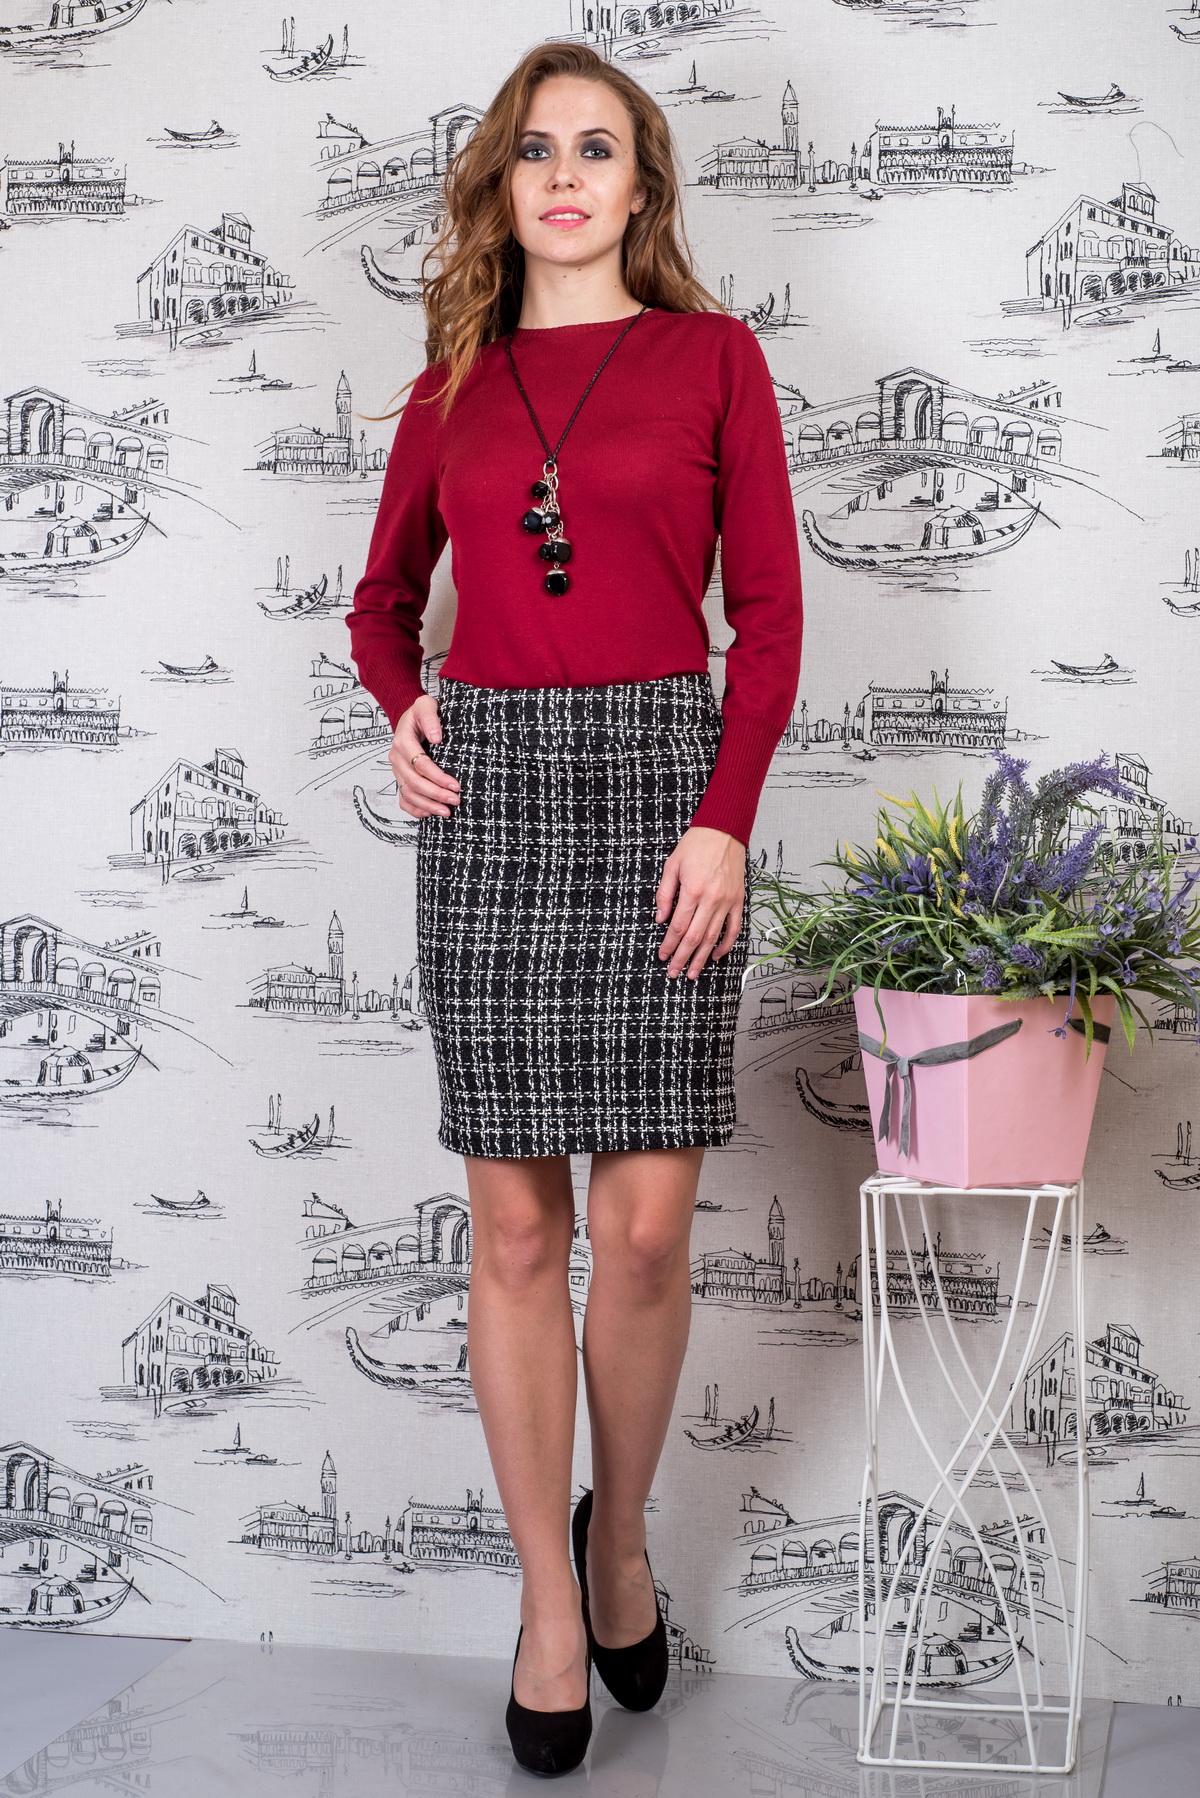 Алина шанель, 2290-1   Швейная фабрика Magic. Стильные и недорогие юбки от производителя  оптом   Купить юбки оптом от производителя Украина «Magic». 2d926883842